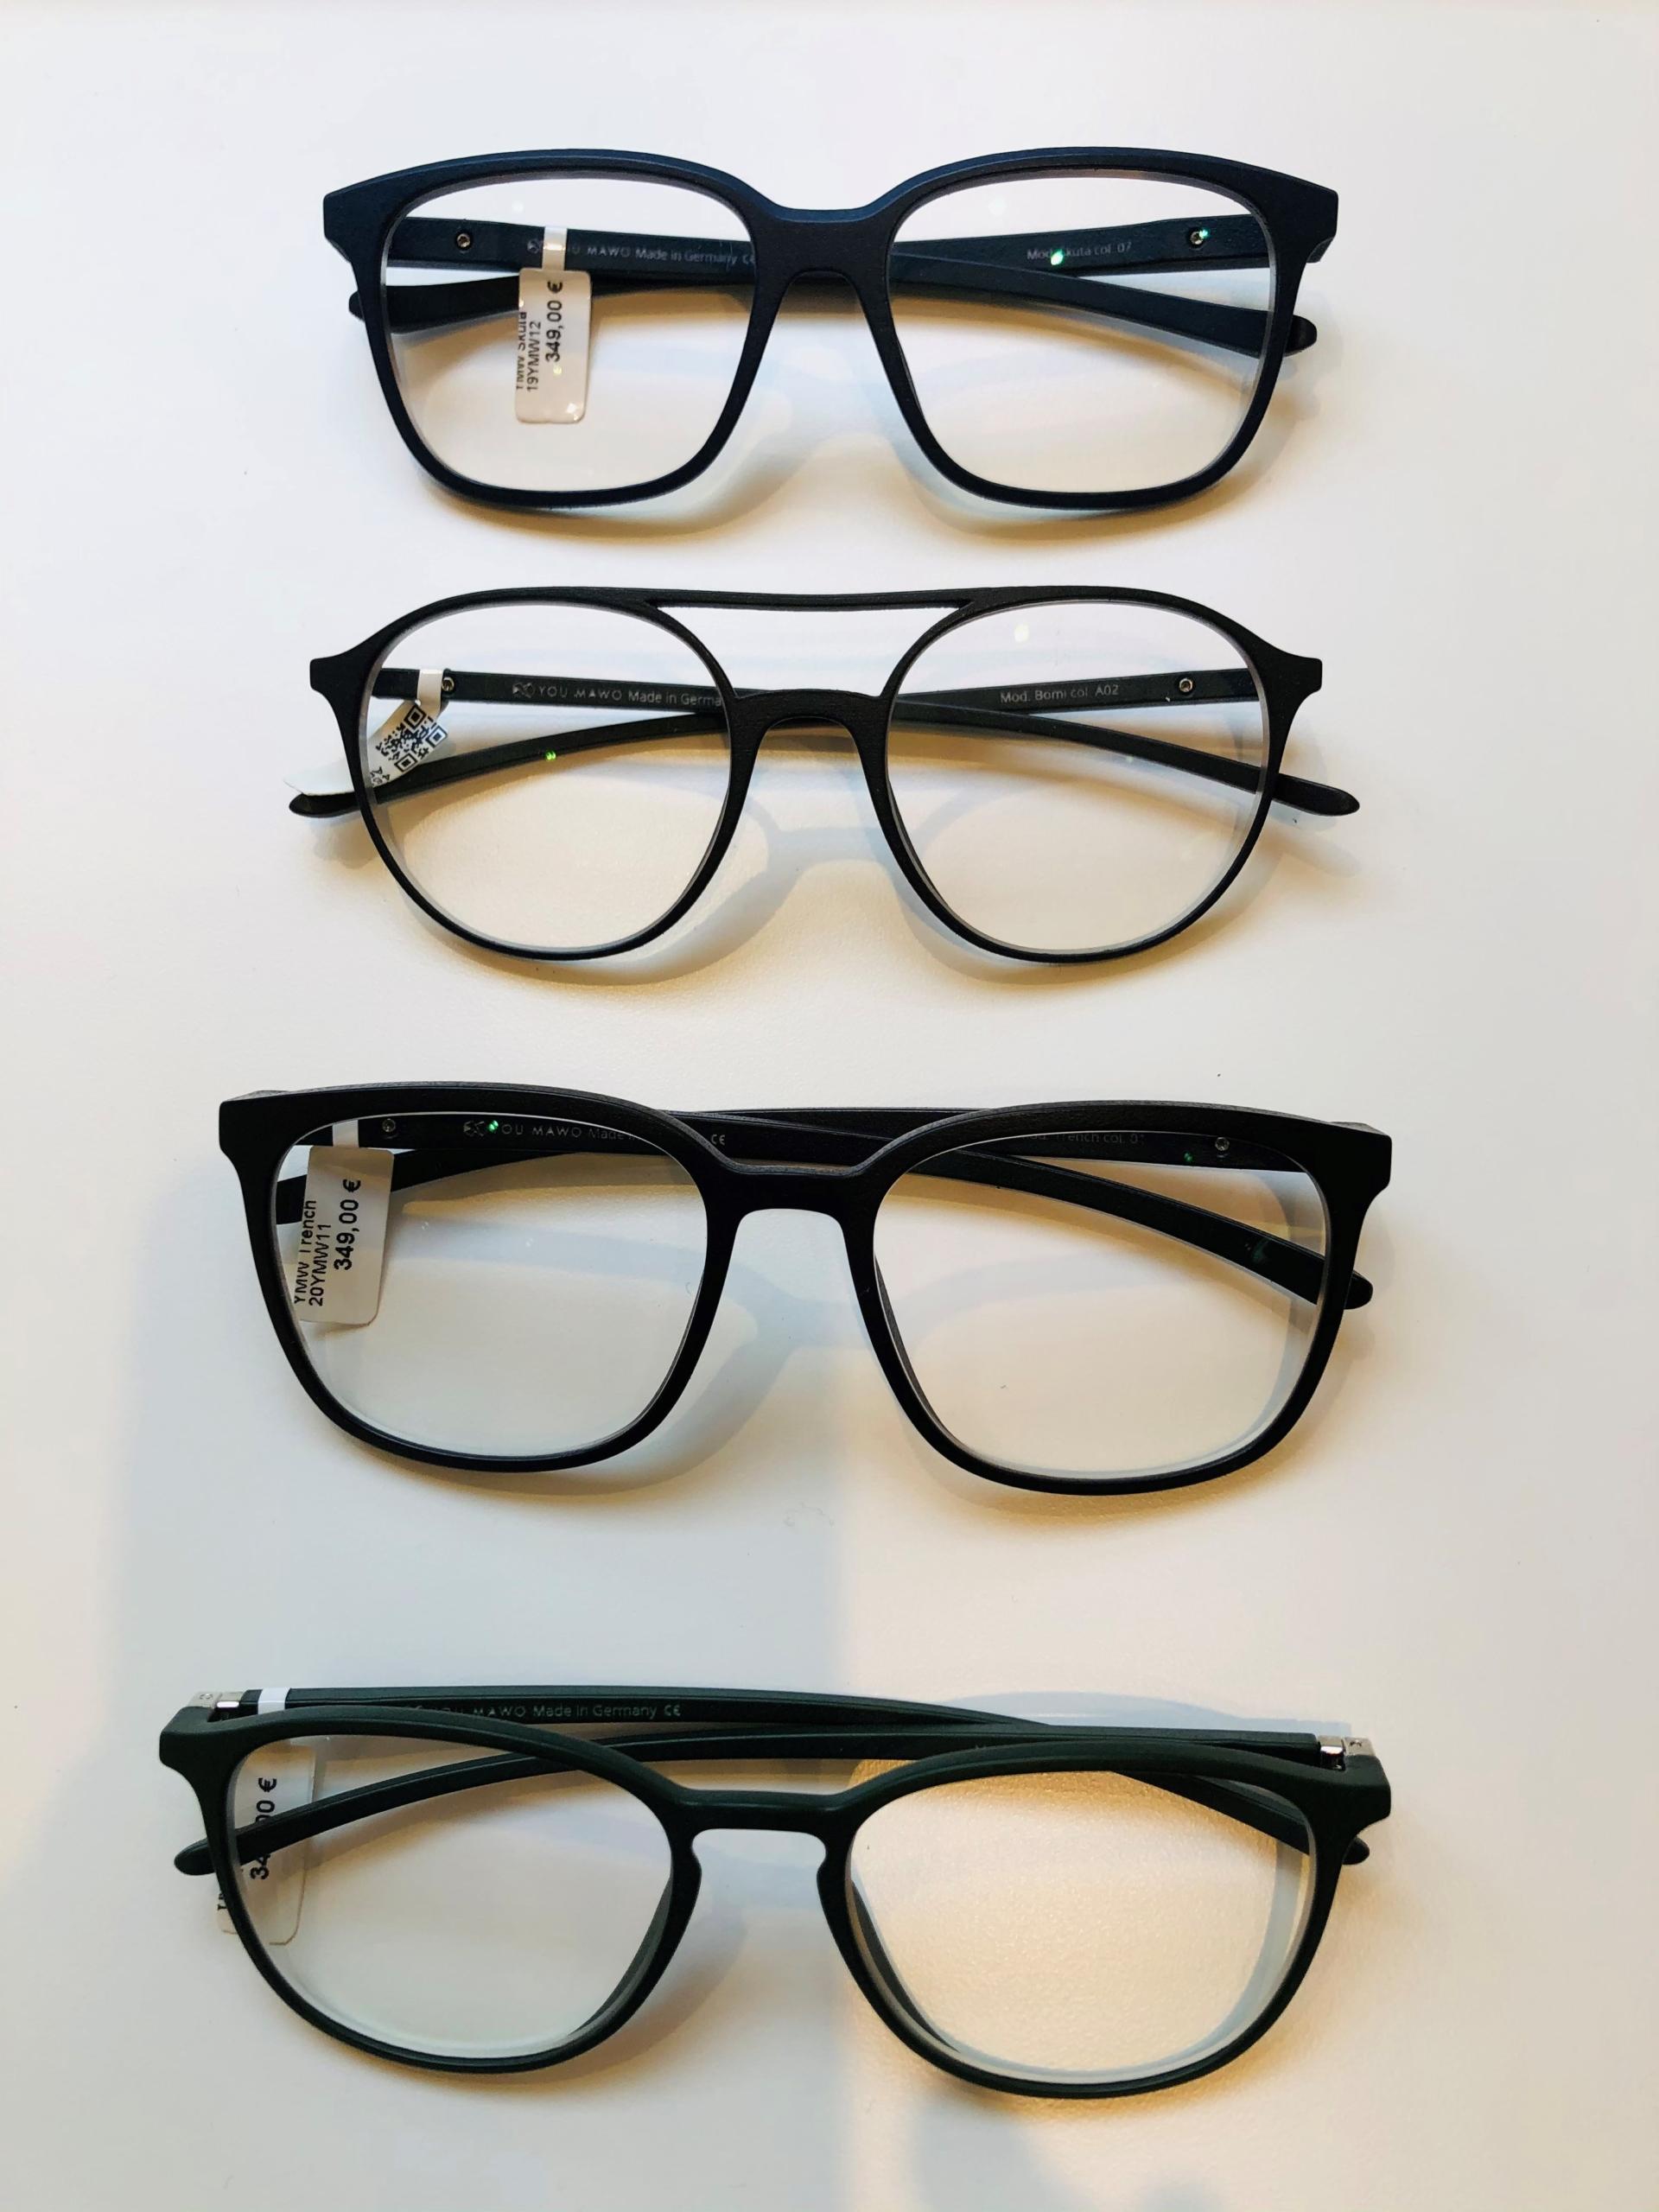 7_Schaufenster online_02122020_Optiker Augensache Brille Kontaktlinse Friedberg_ANDY WOLF_YOUMAWO